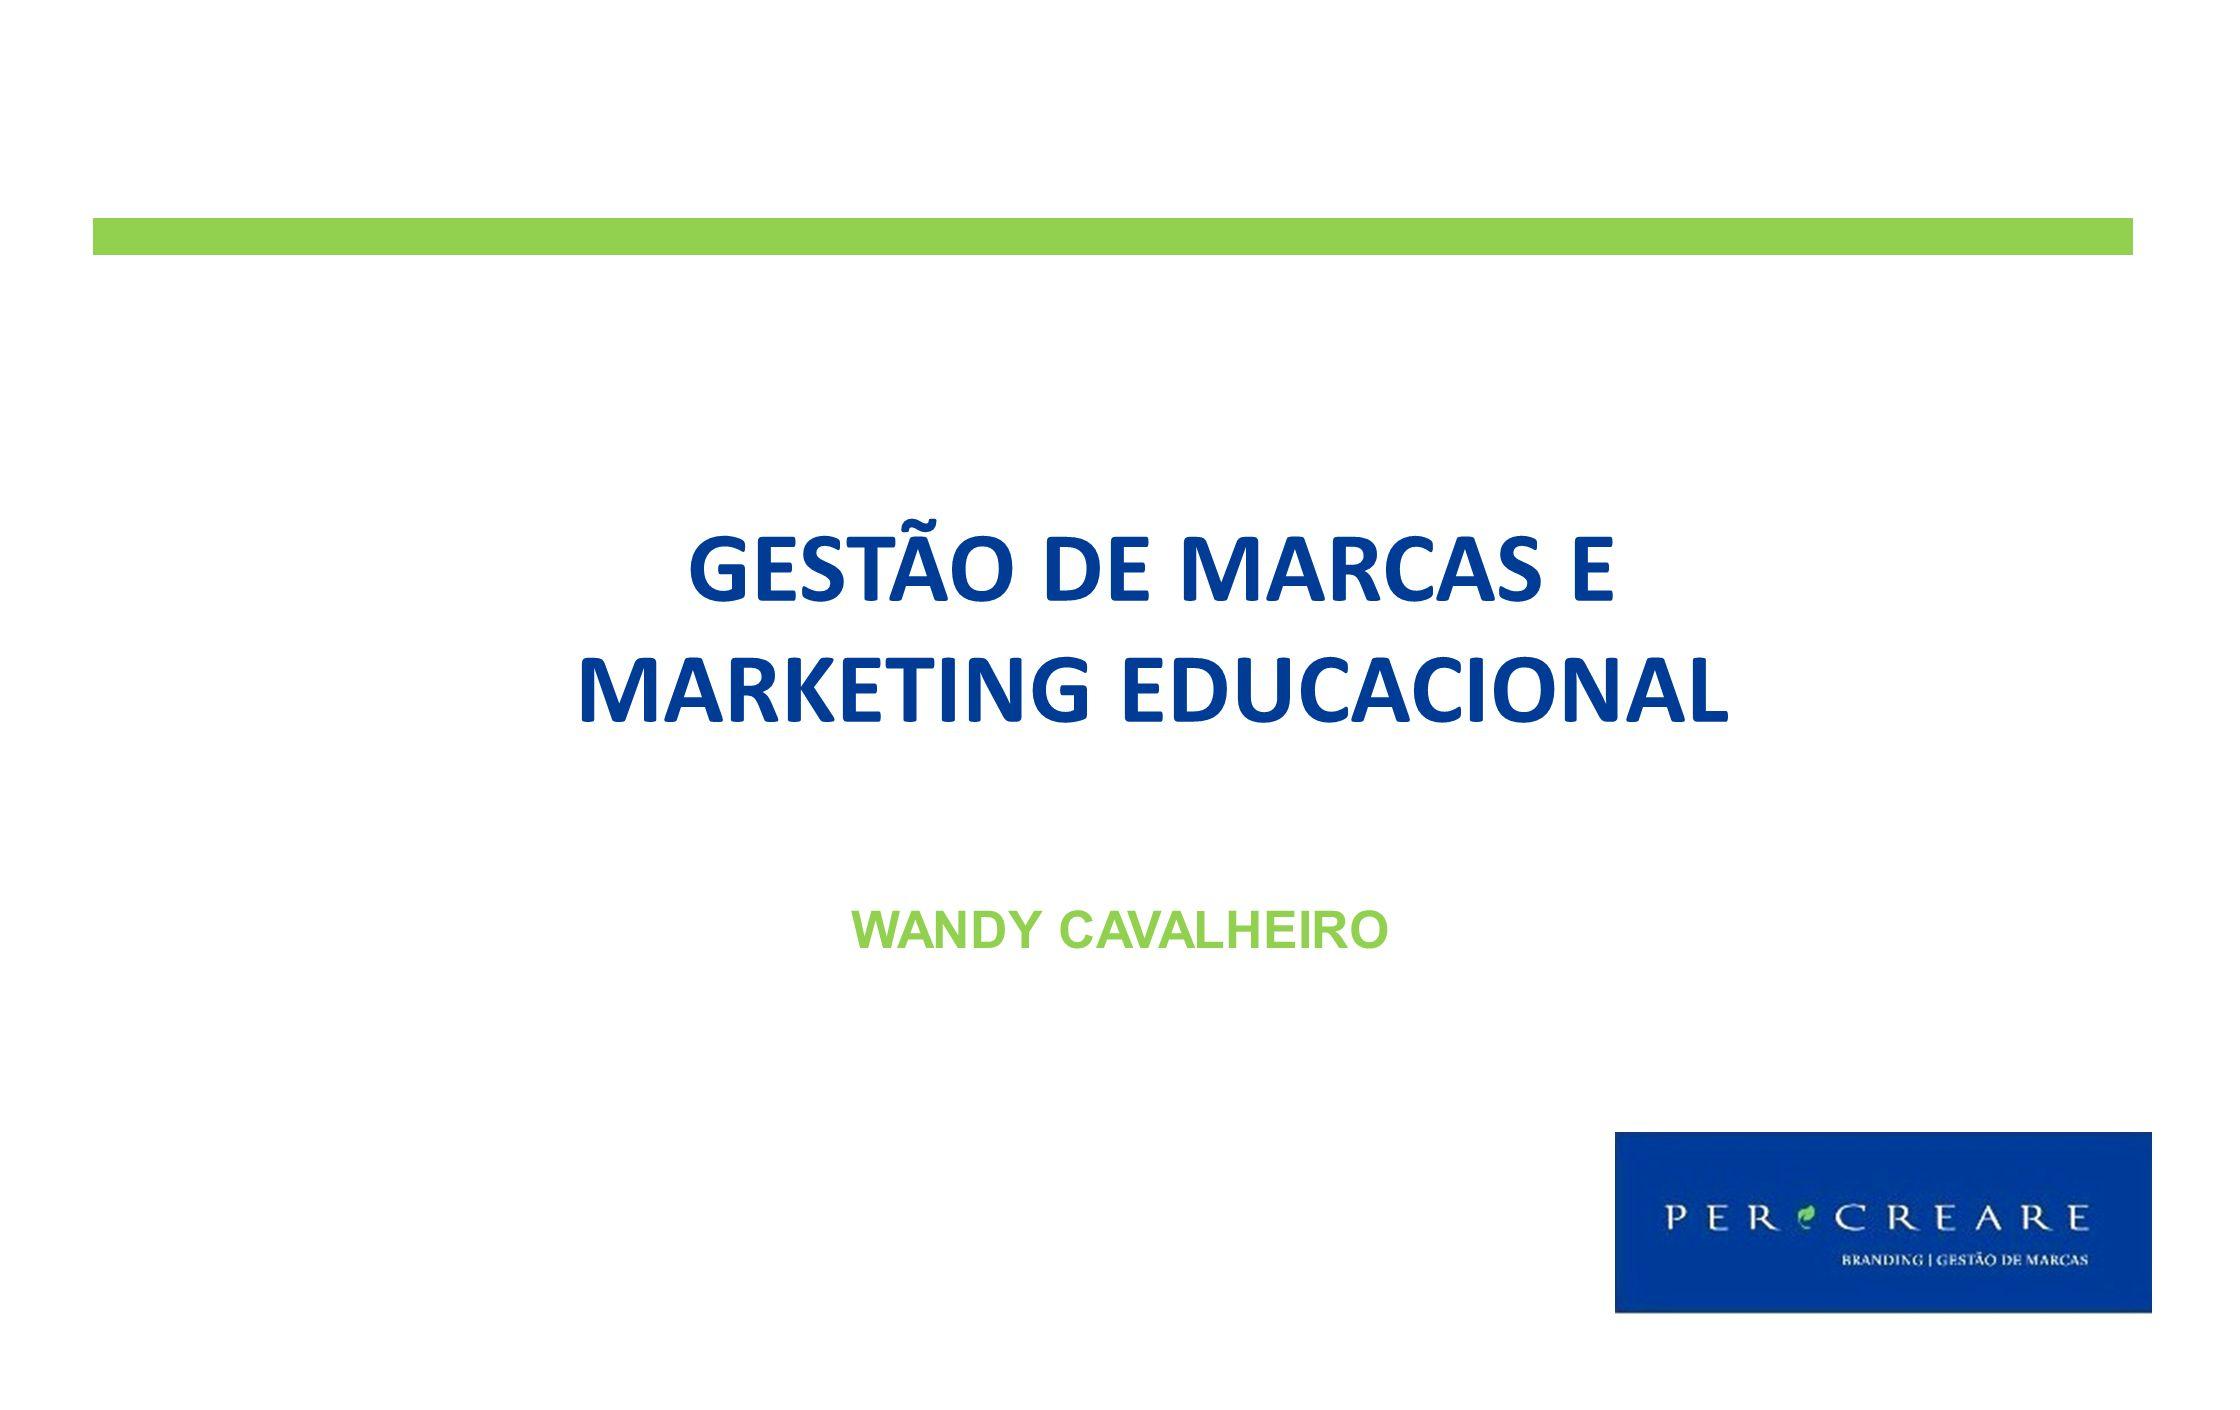 WANDY CAVALHEIRO GESTÃO DE MARCAS E MARKETING EDUCACIONAL